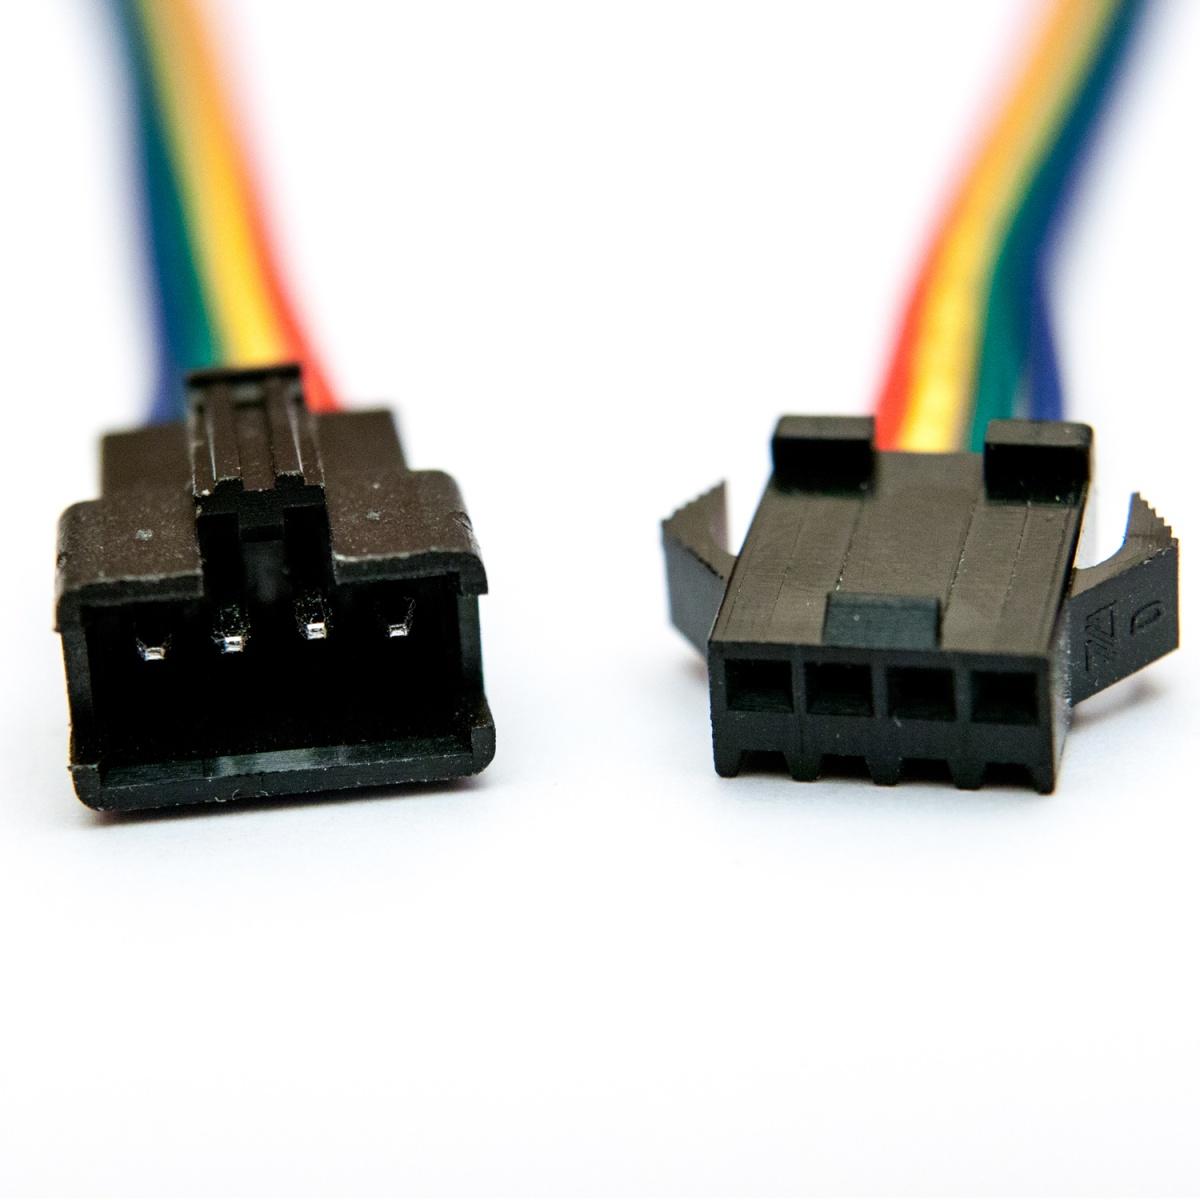 NooElec - JST-SM Connector Set, 4-Pin